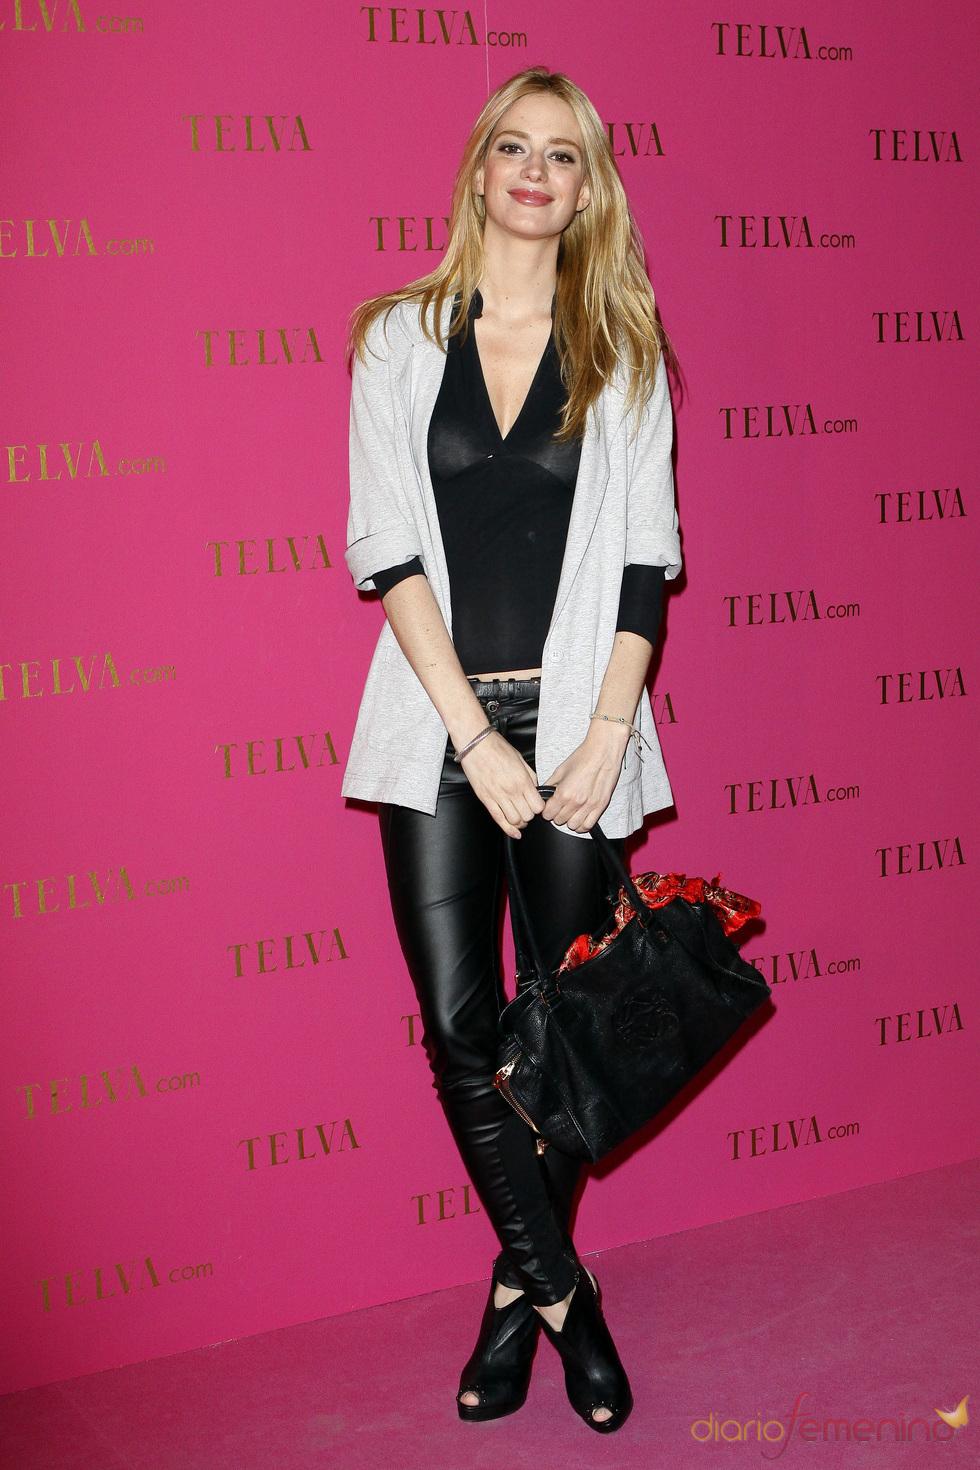 Teresa Baca en los premios Telva Belleza 2011